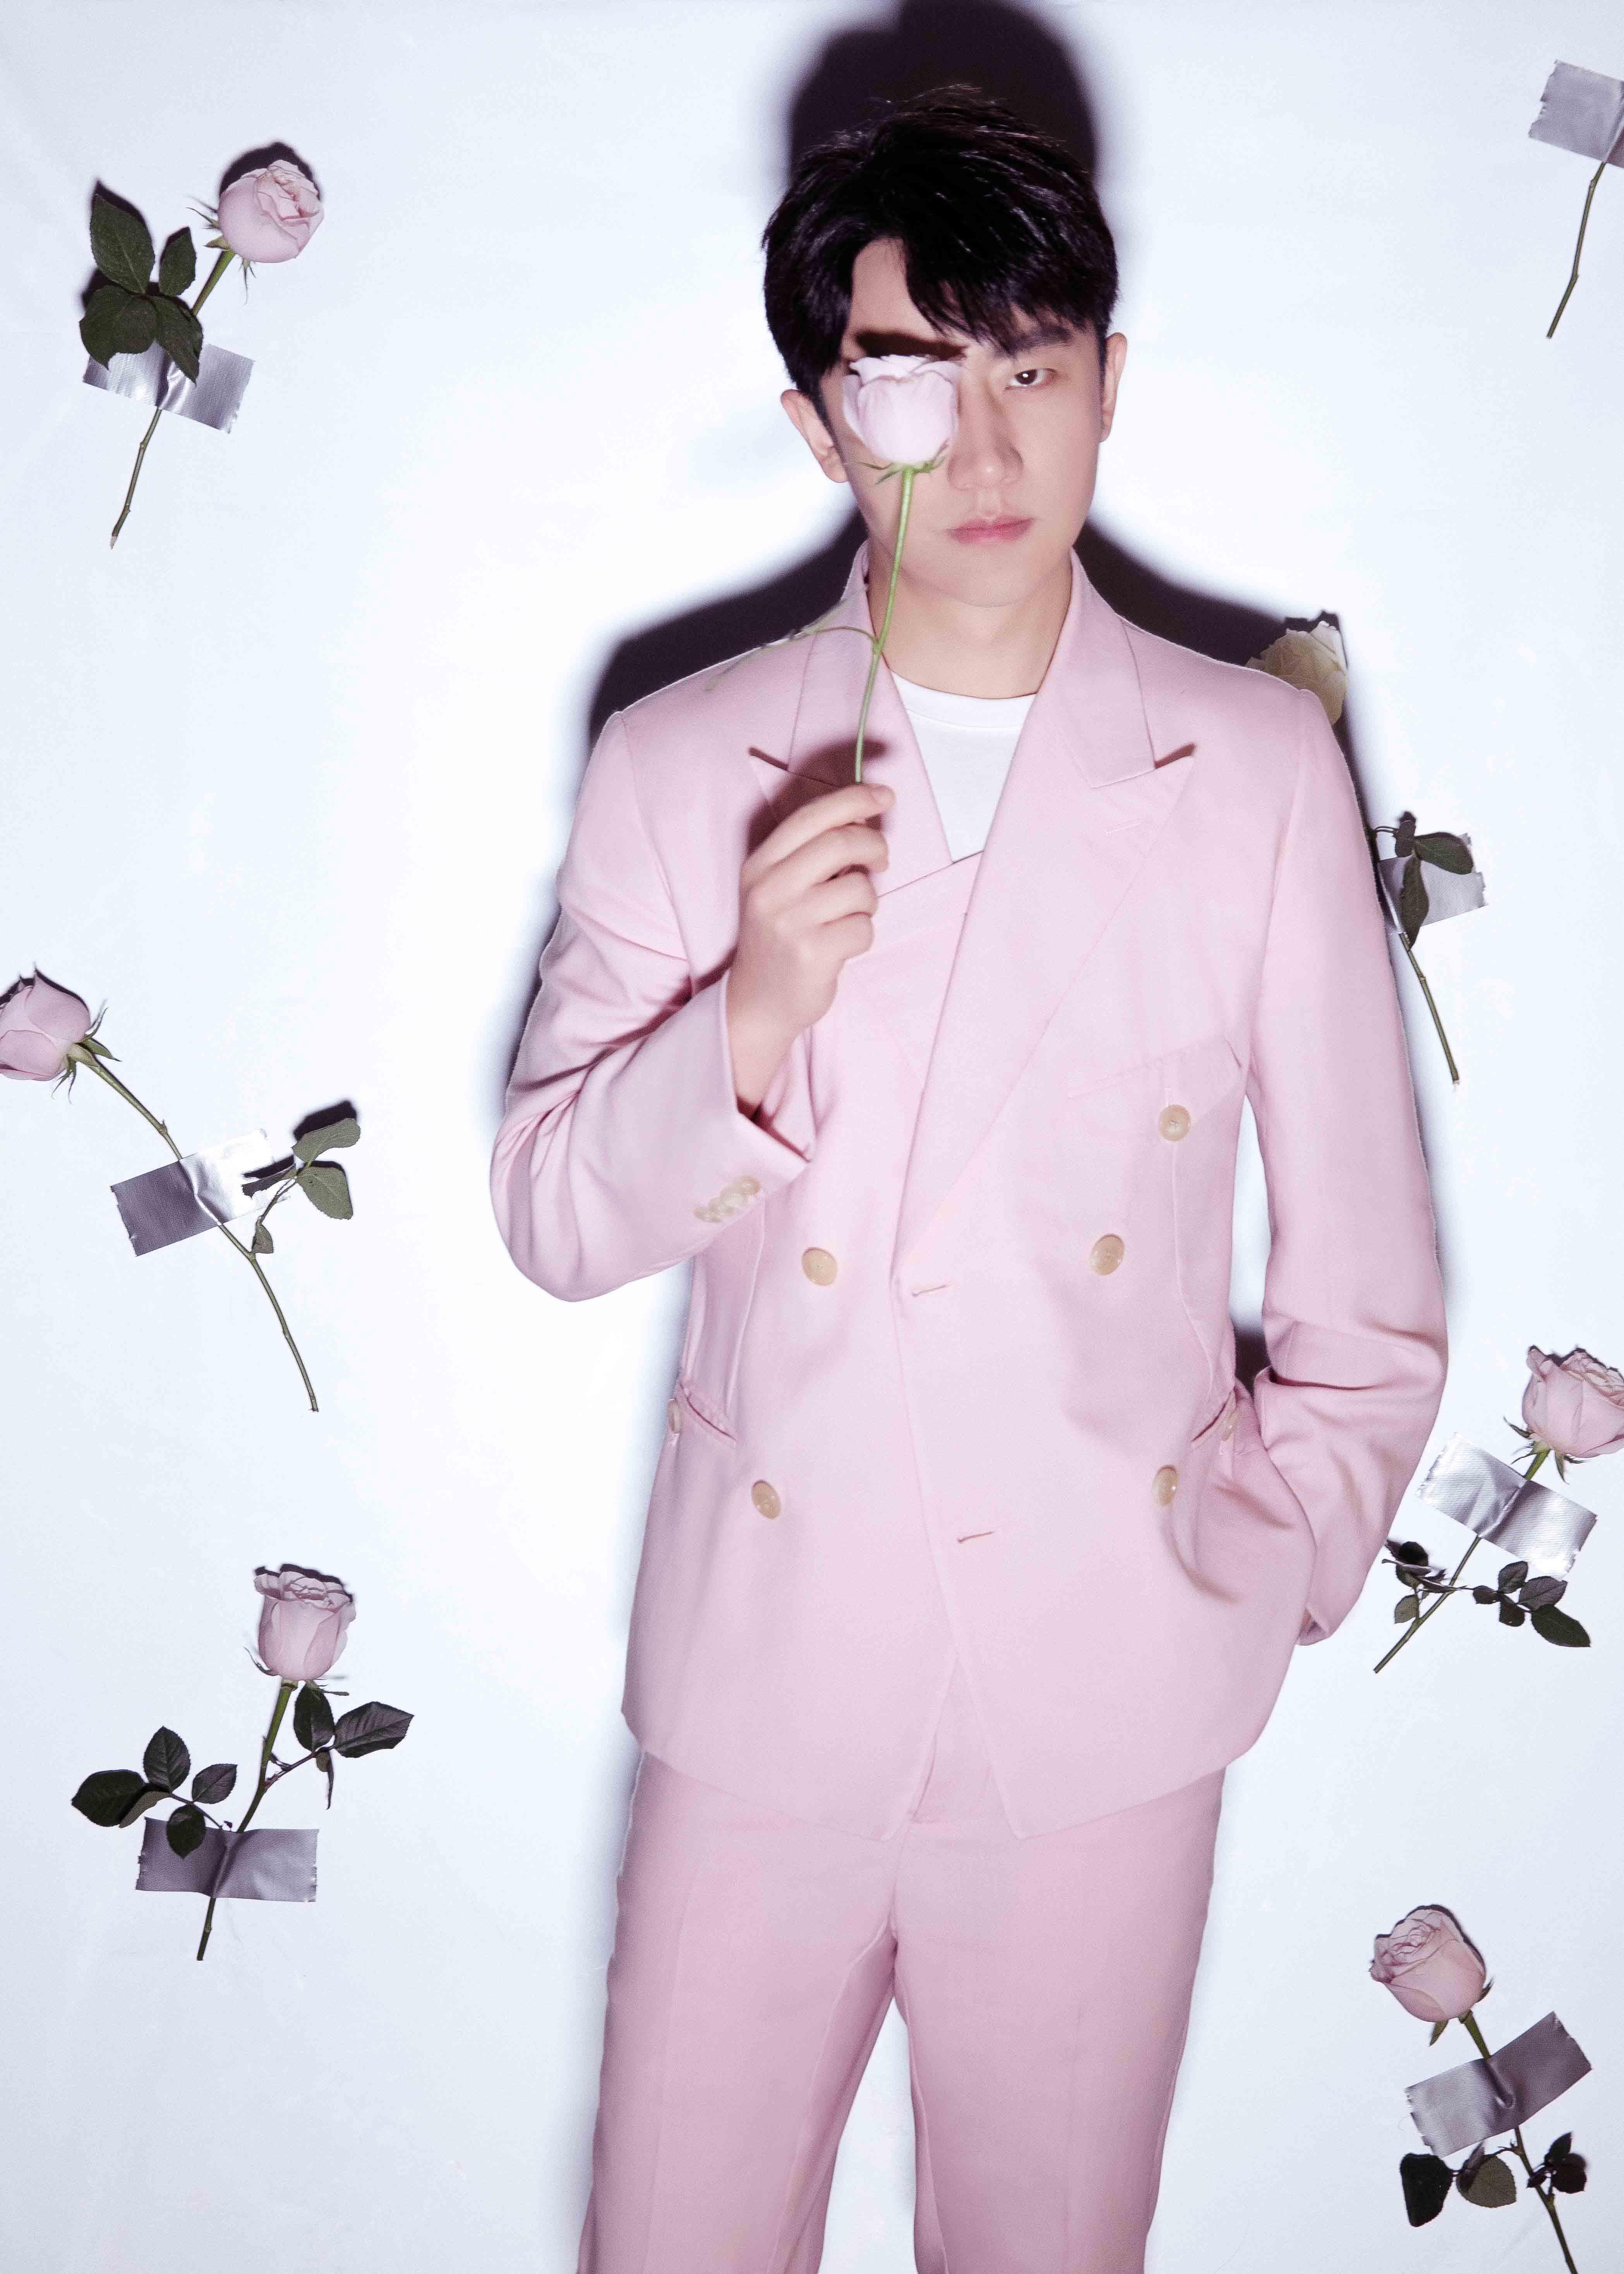 黄轩情人节送礼 粉衣搭粉玫瑰尽显浪漫风度!